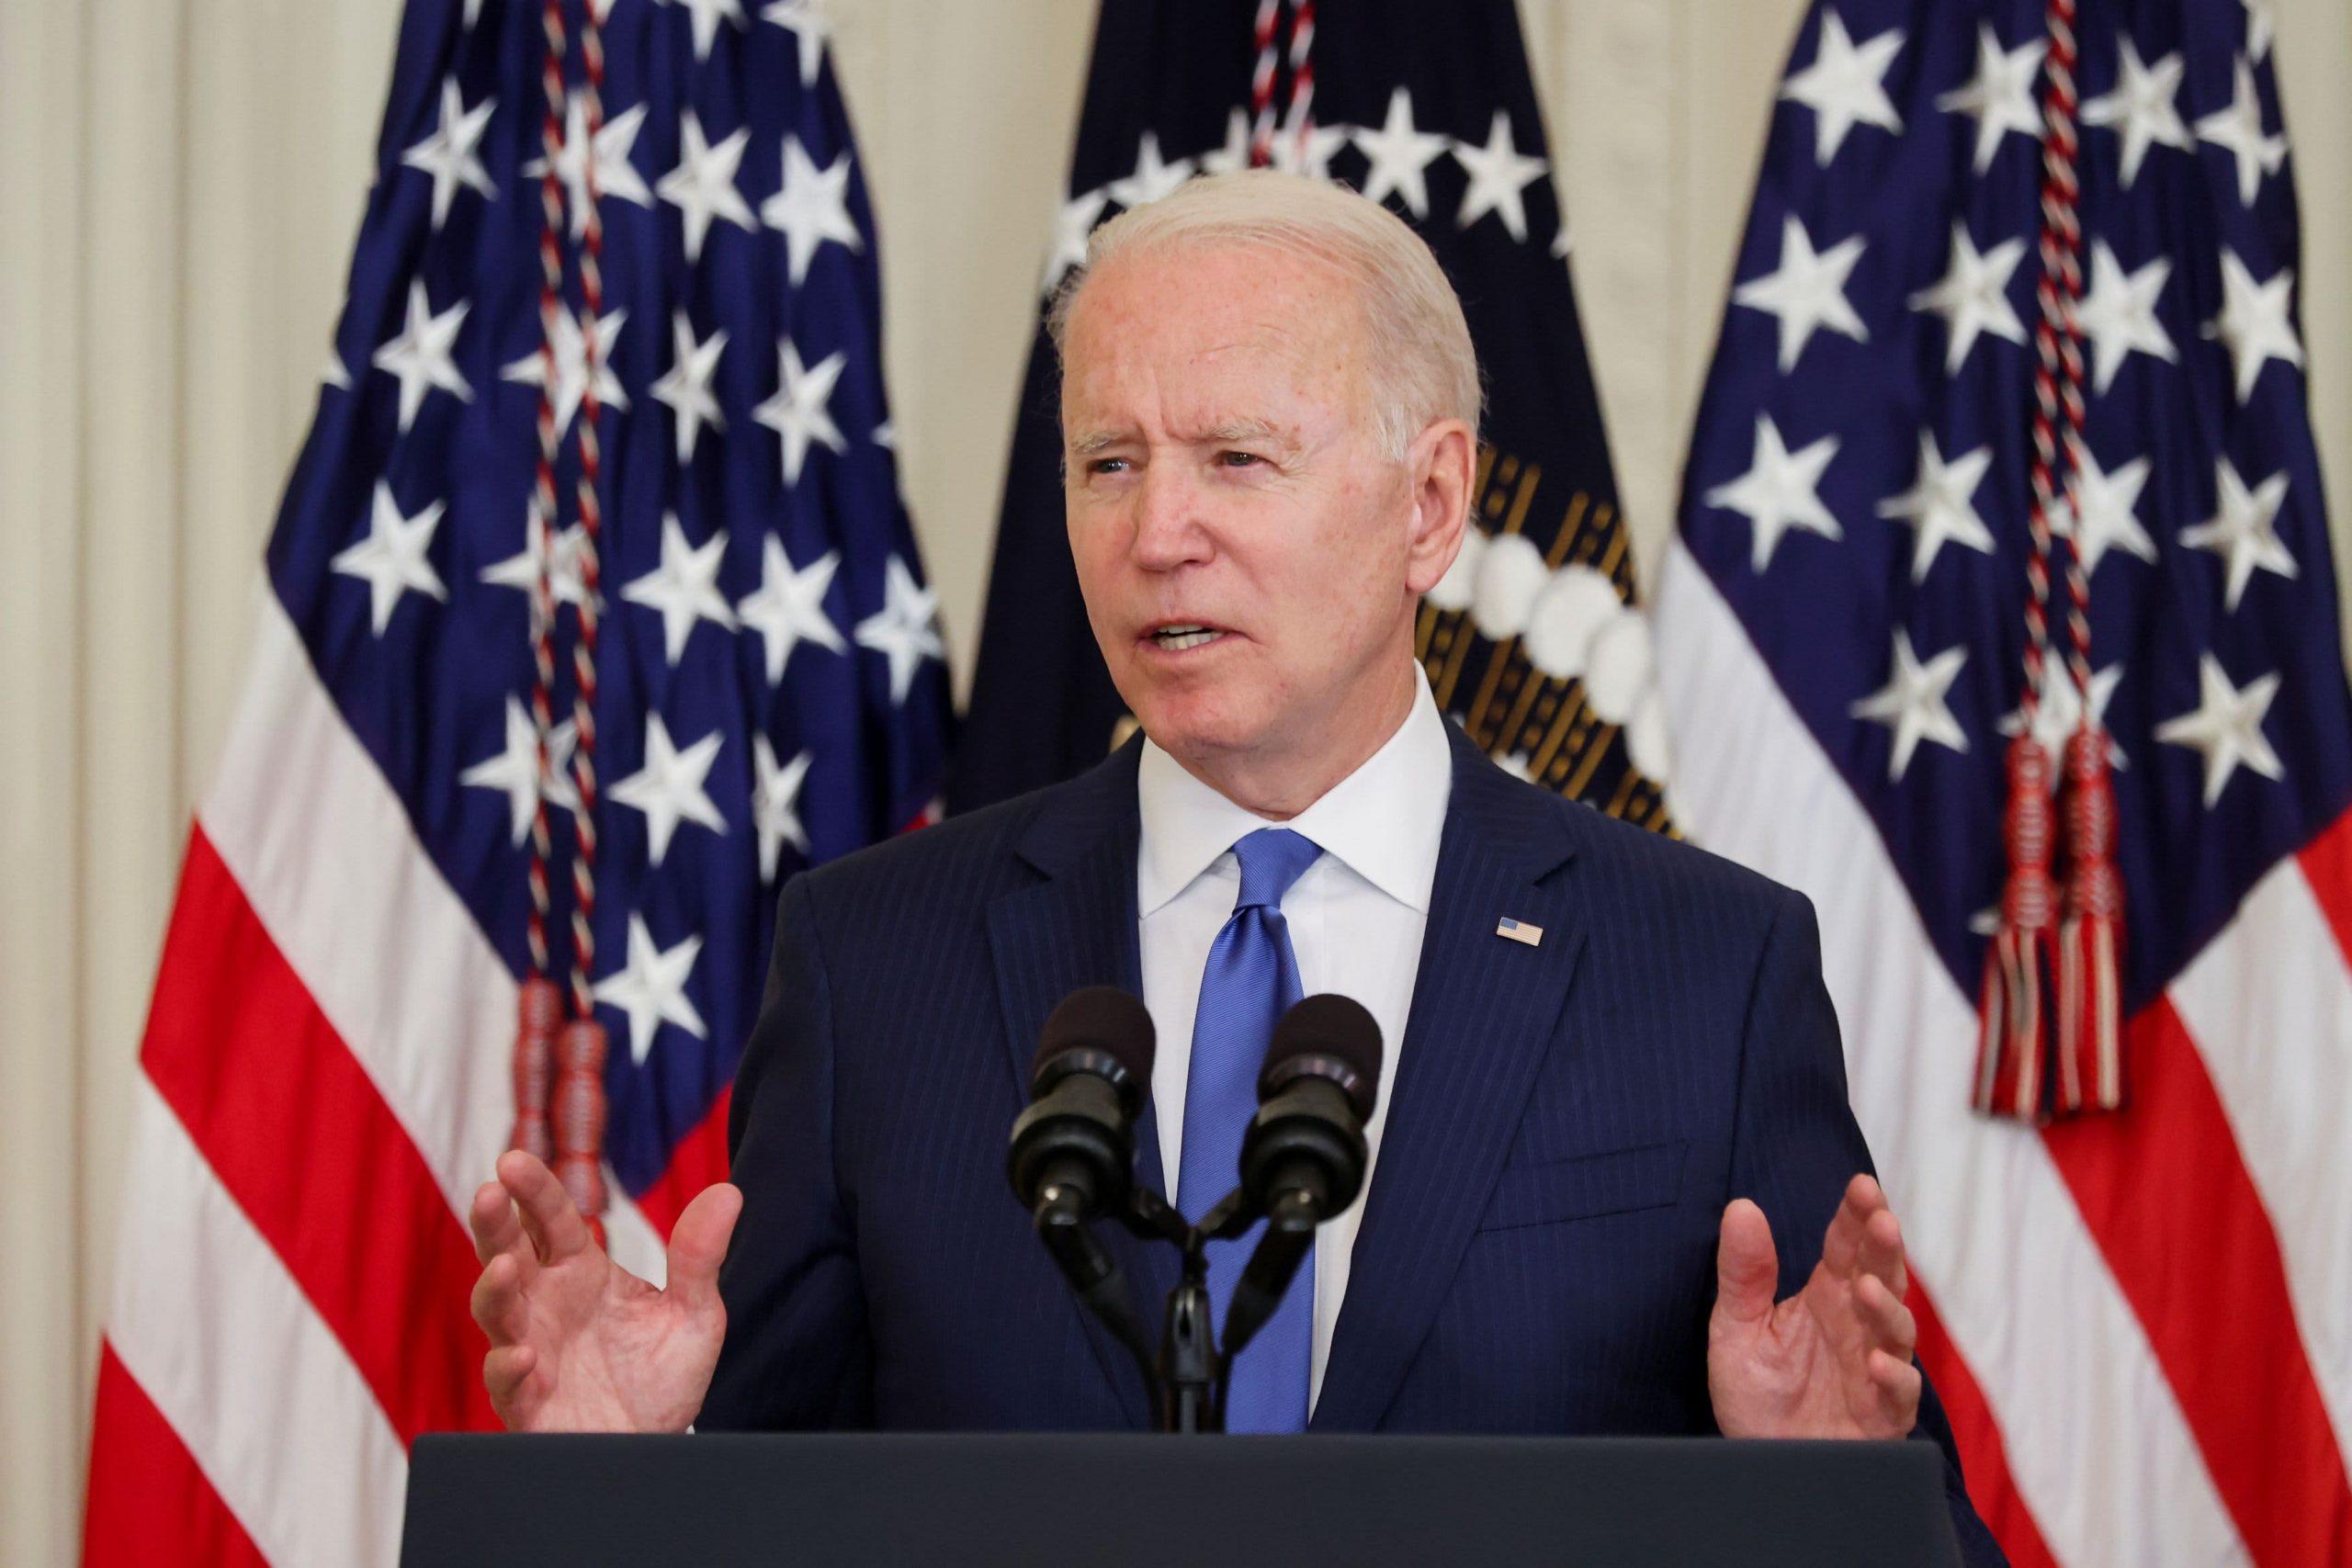 Biden reitera su apoyo al plan de infraestructura bipartidista, aclara que no emitió amenaza de veto